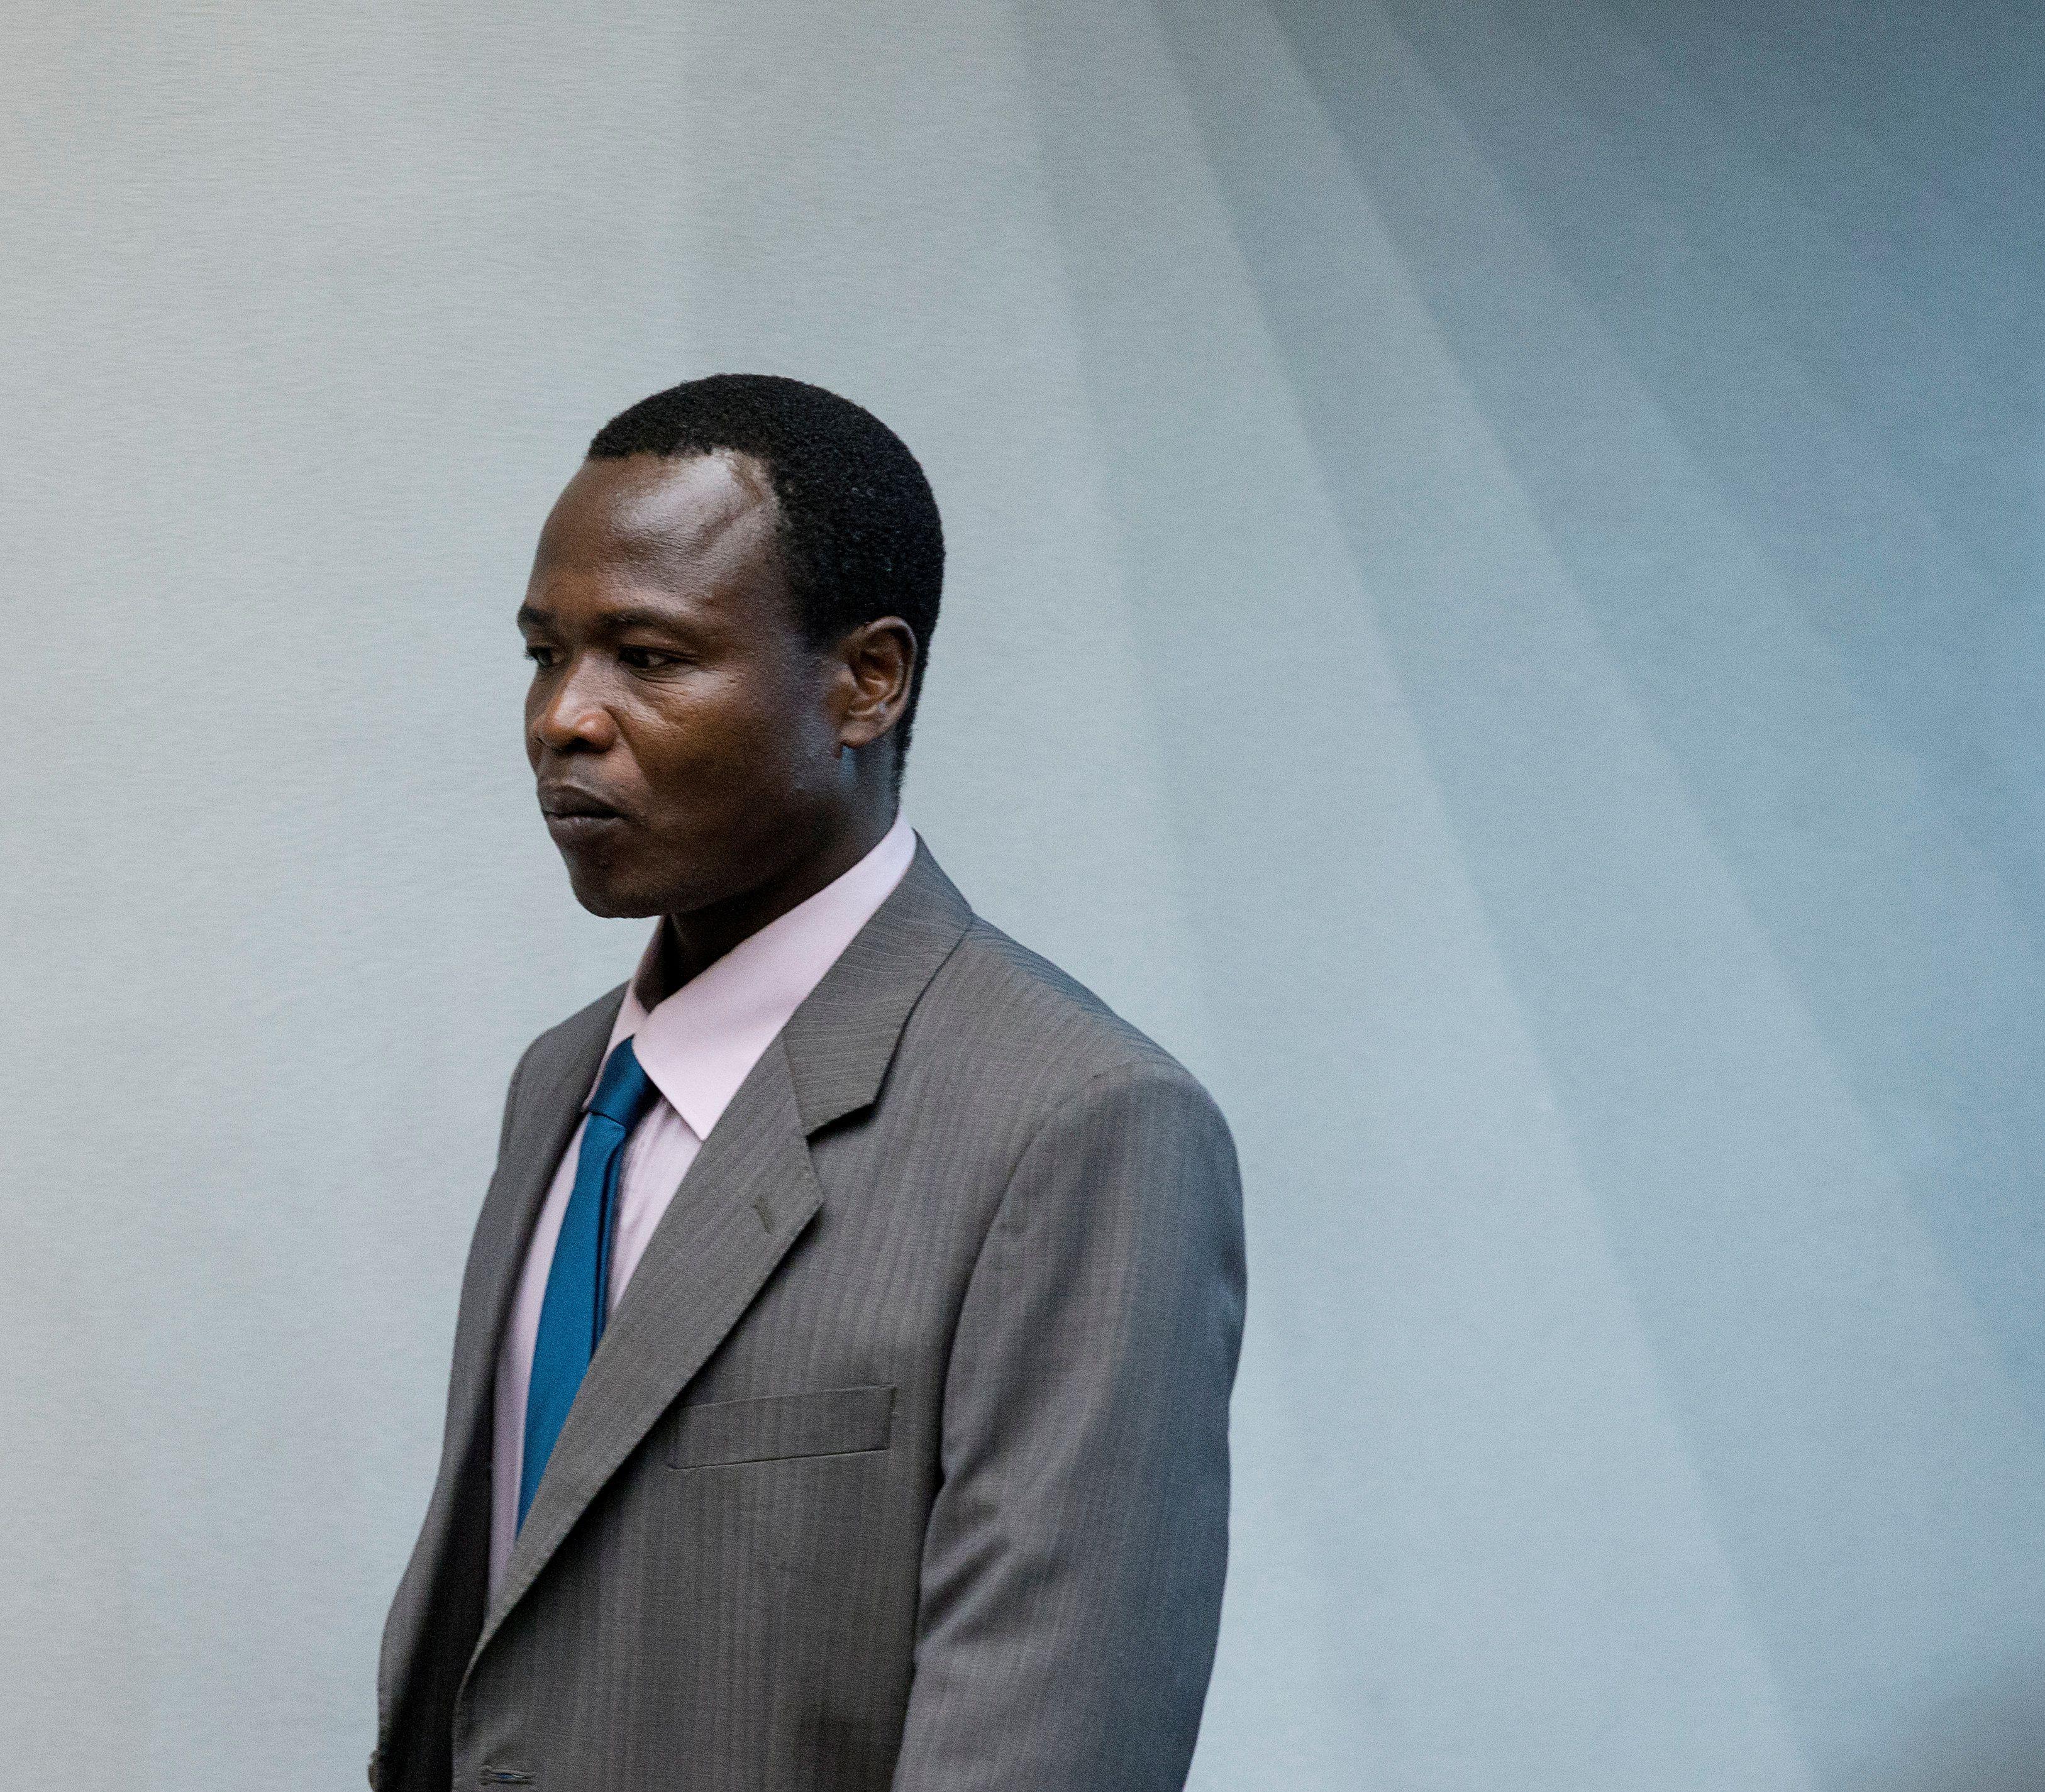 دومنیک اونگوان در دادگاه کیفری بین المللی ، در سال 2016